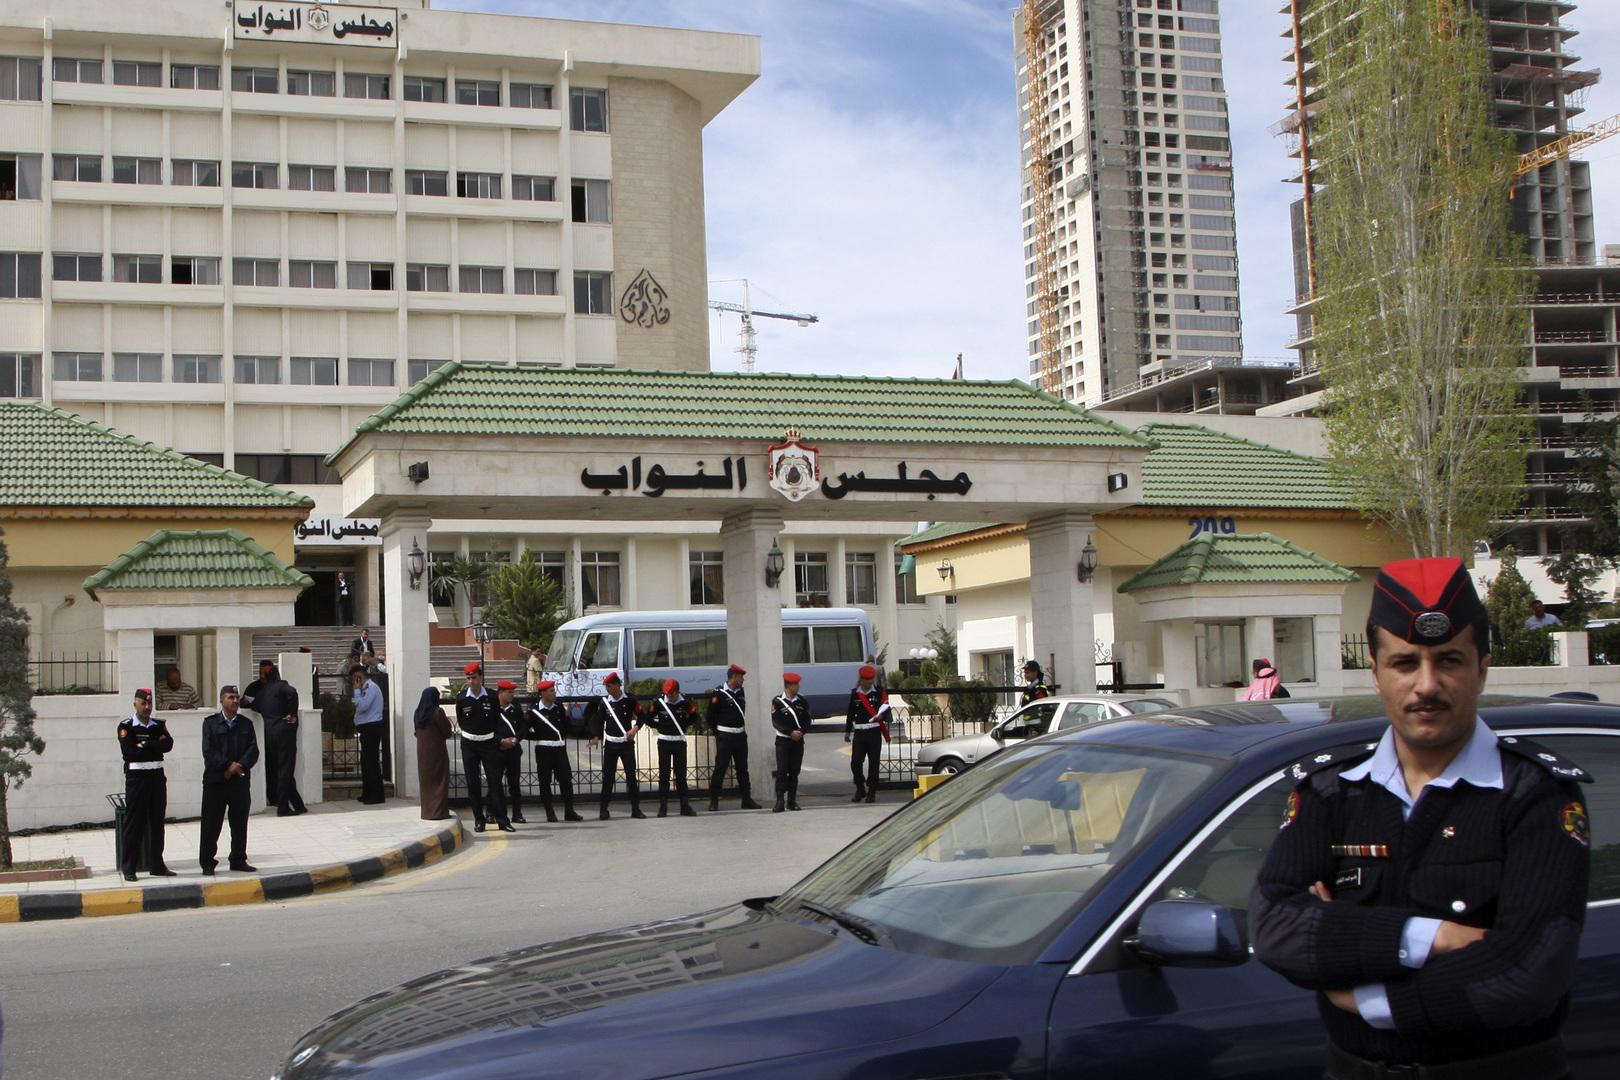 مجلس النواب الأردني يعقد جلسة طارئة للنظر باستقالة العجارمة